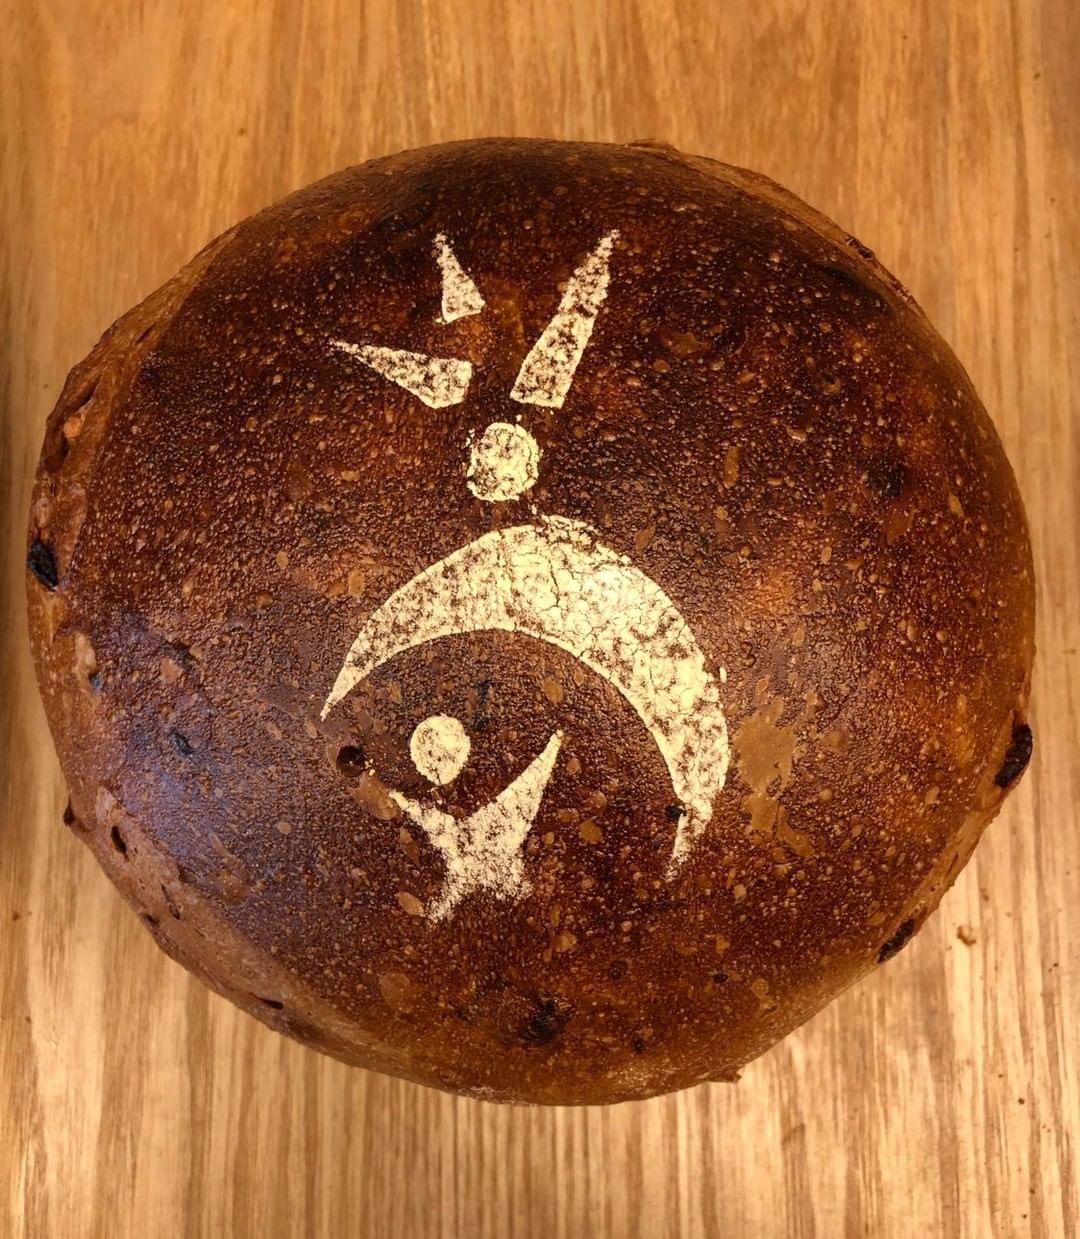 【ウーパオチュン ベーカリー】世界のグルメご紹介します!世界一に輝いたパン屋さんはここ✩*॰_4